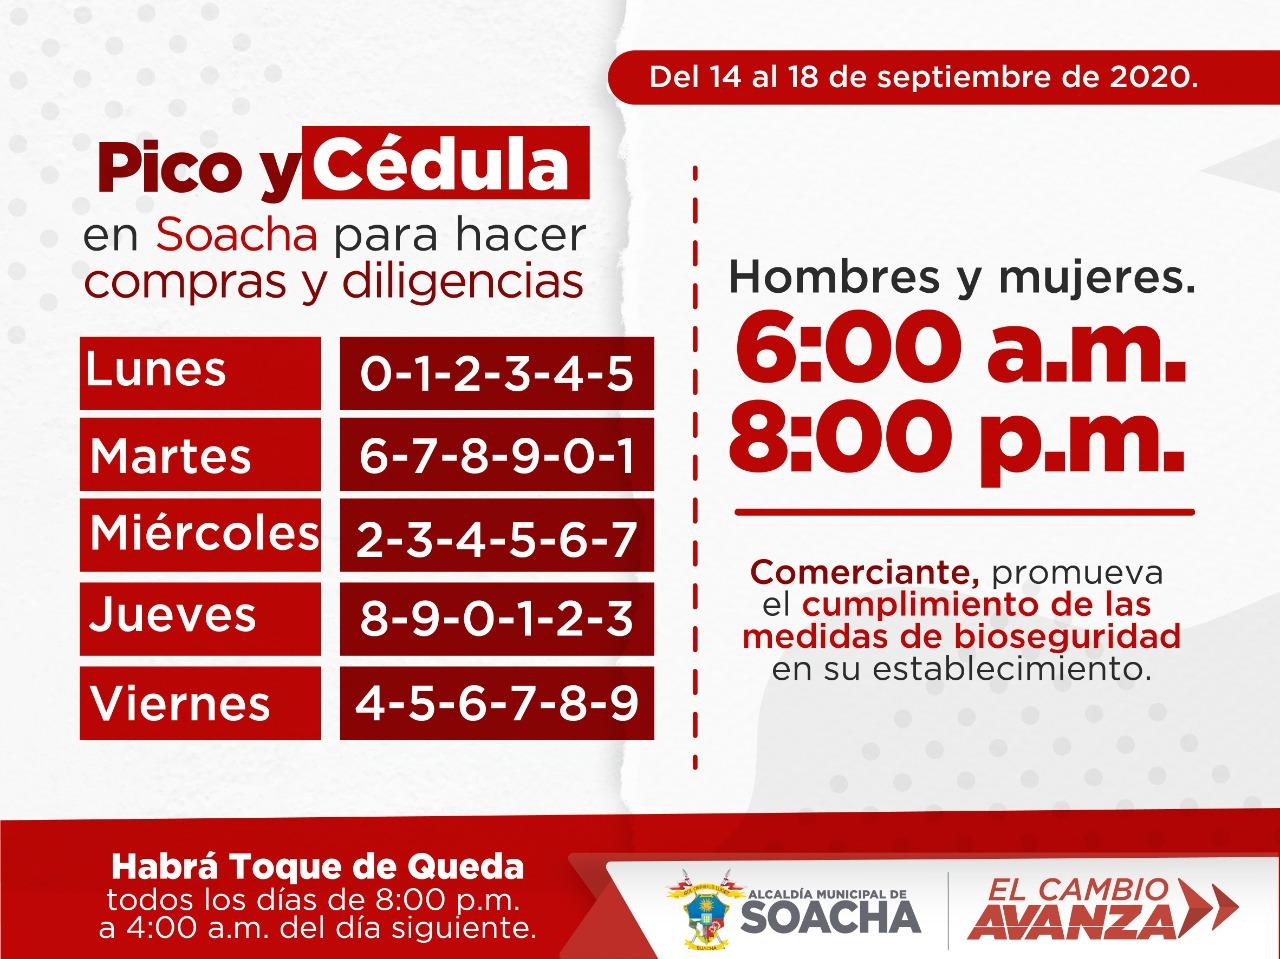 Pico y cédula en Soacha del 14 al 20 de septiembre